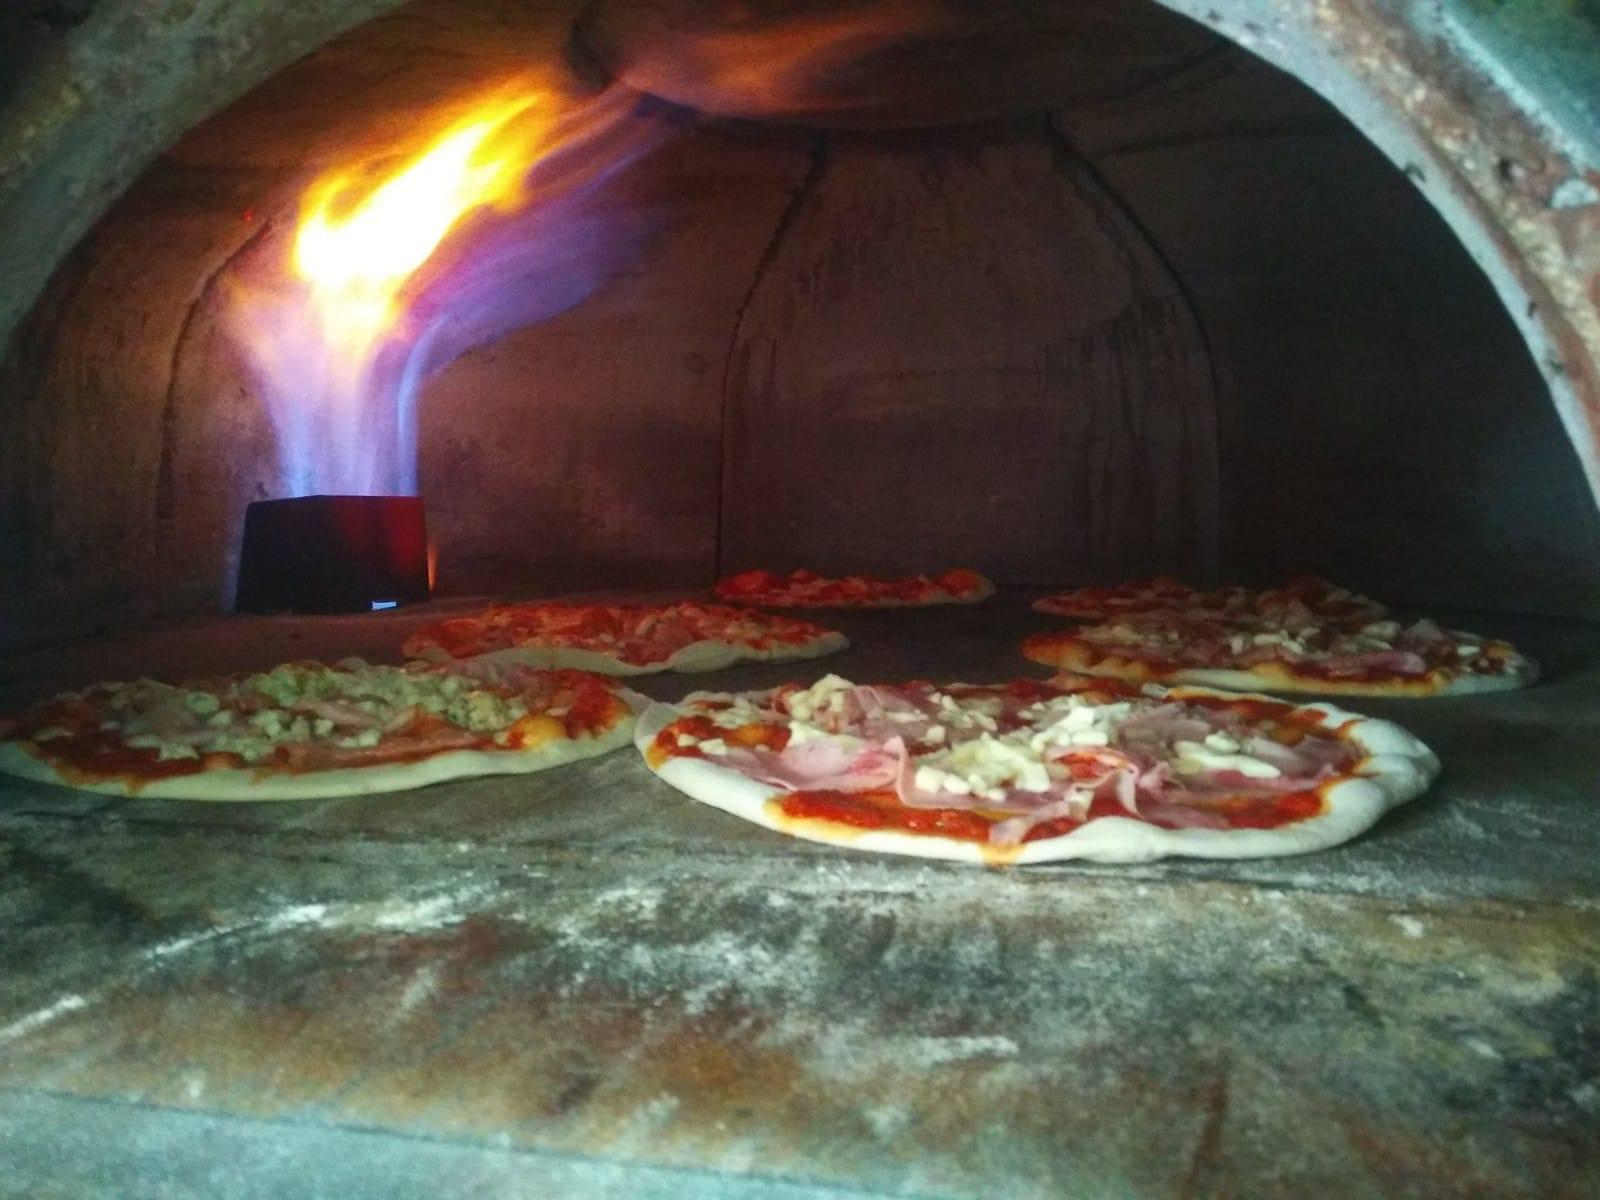 Maramao Ristobar Pizzería